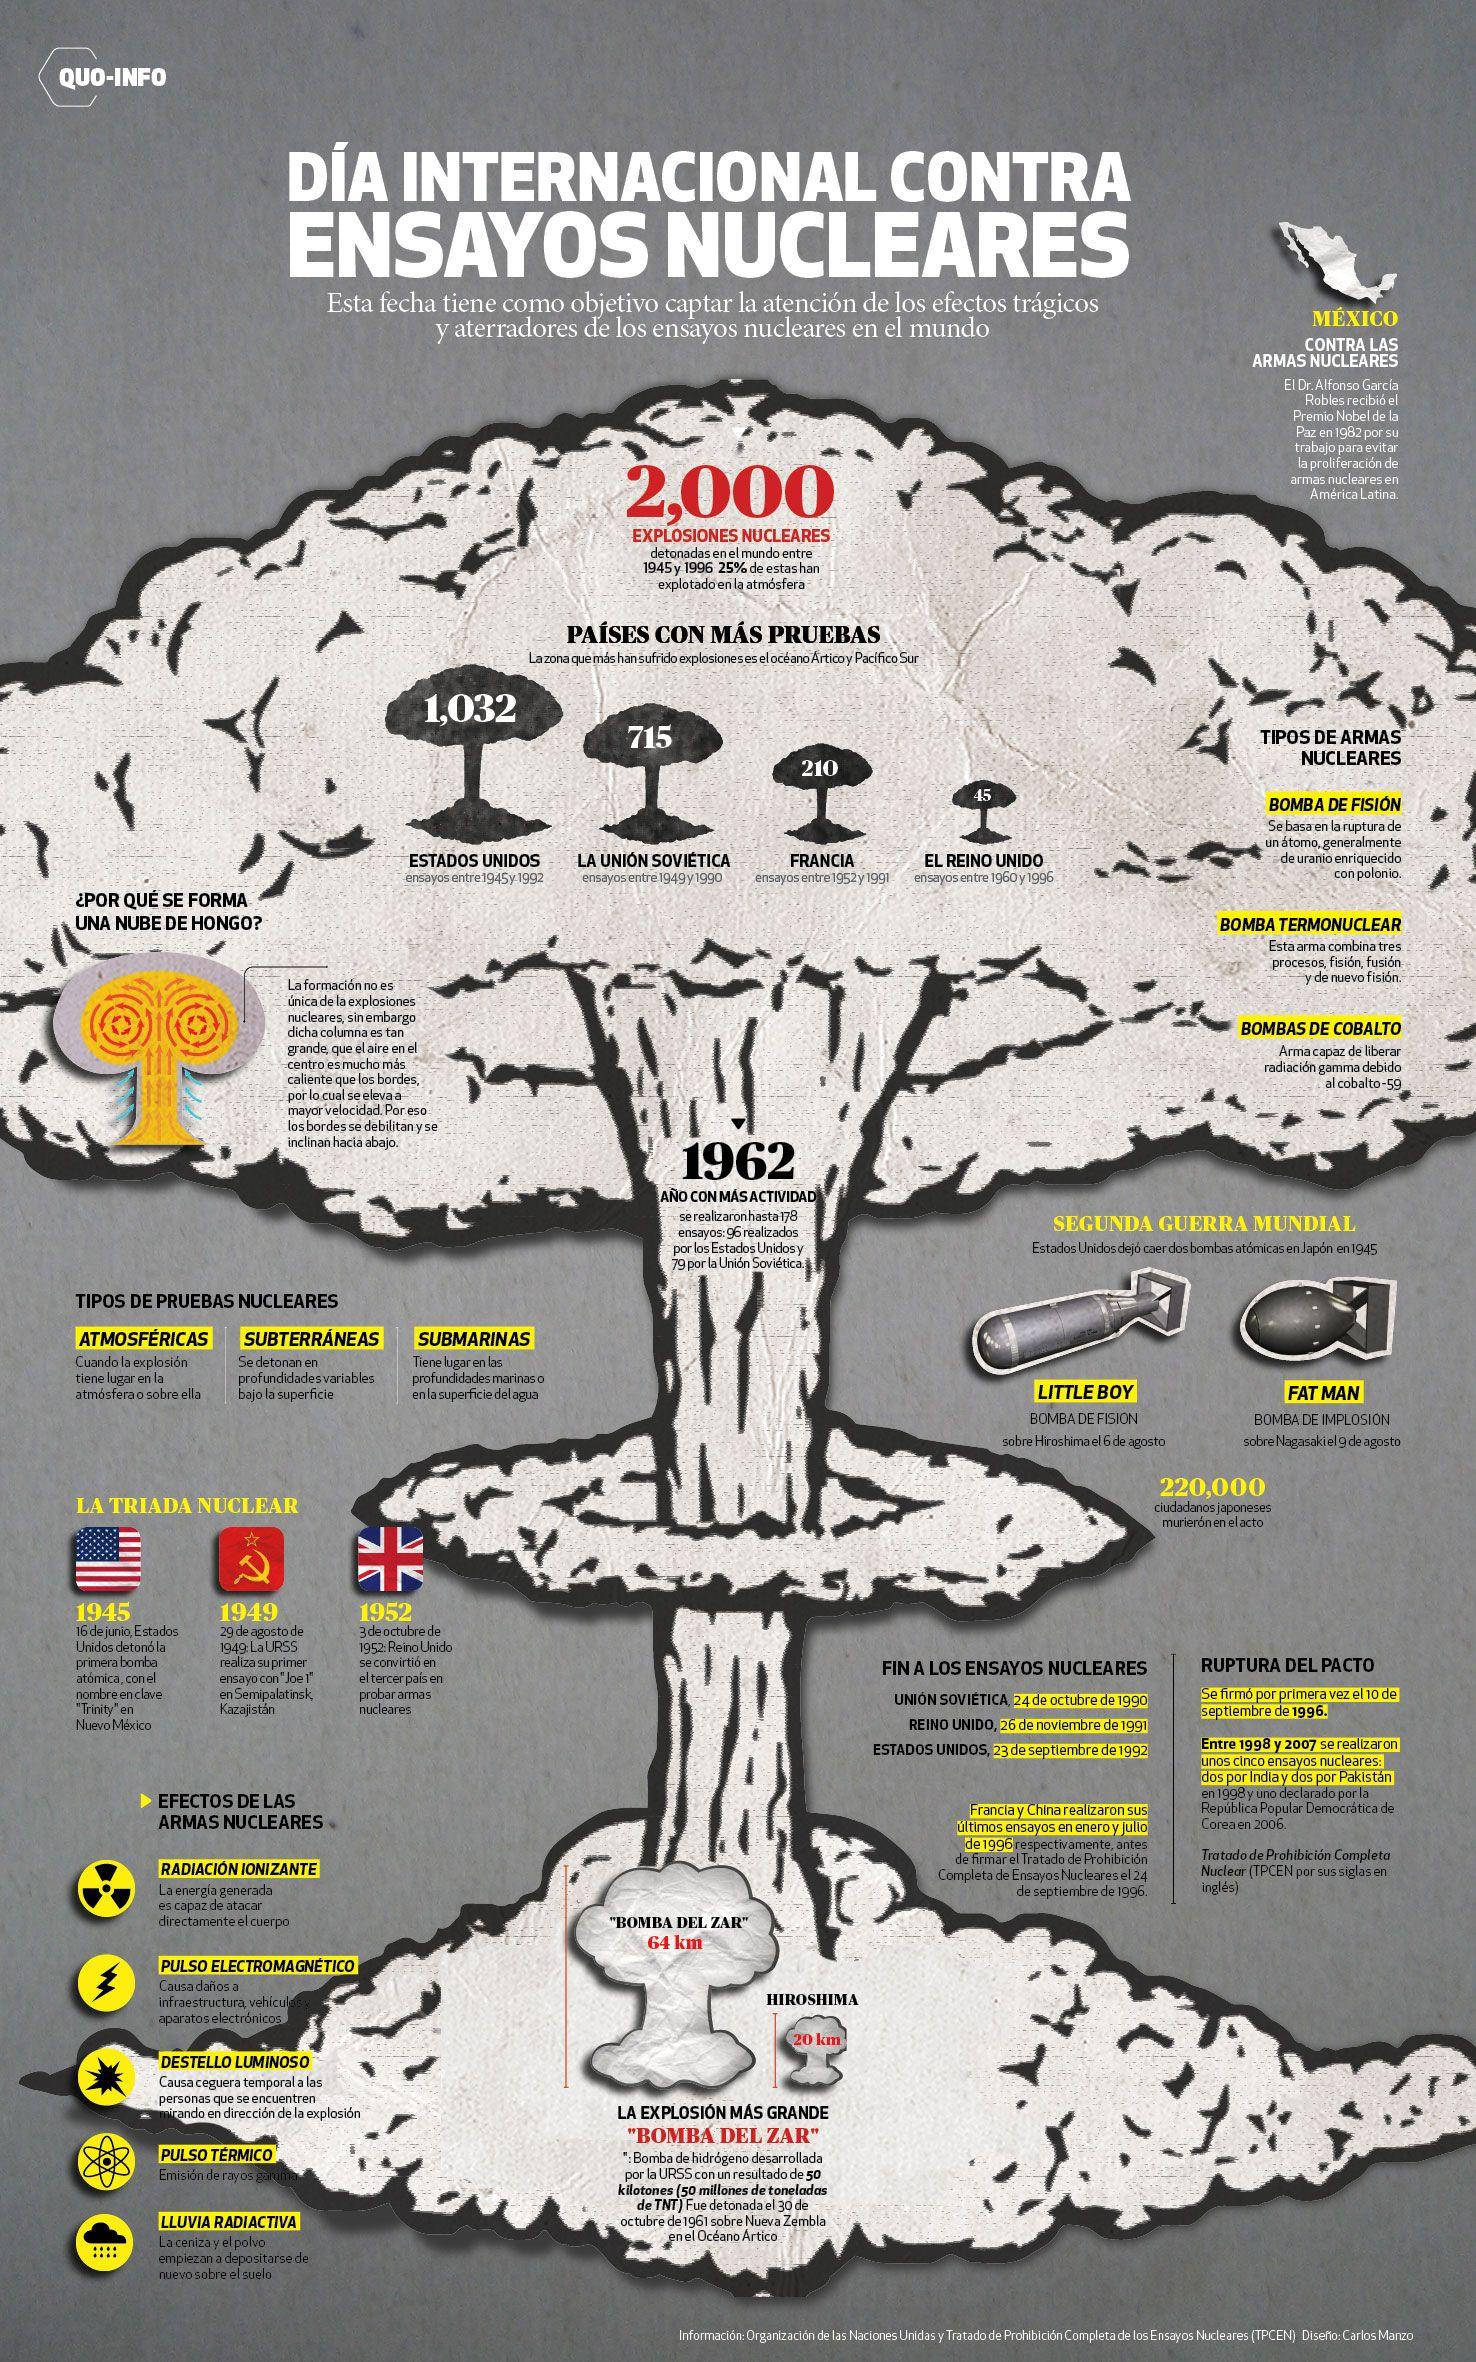 Los ensayos nucleares en el mundo - QUO mx